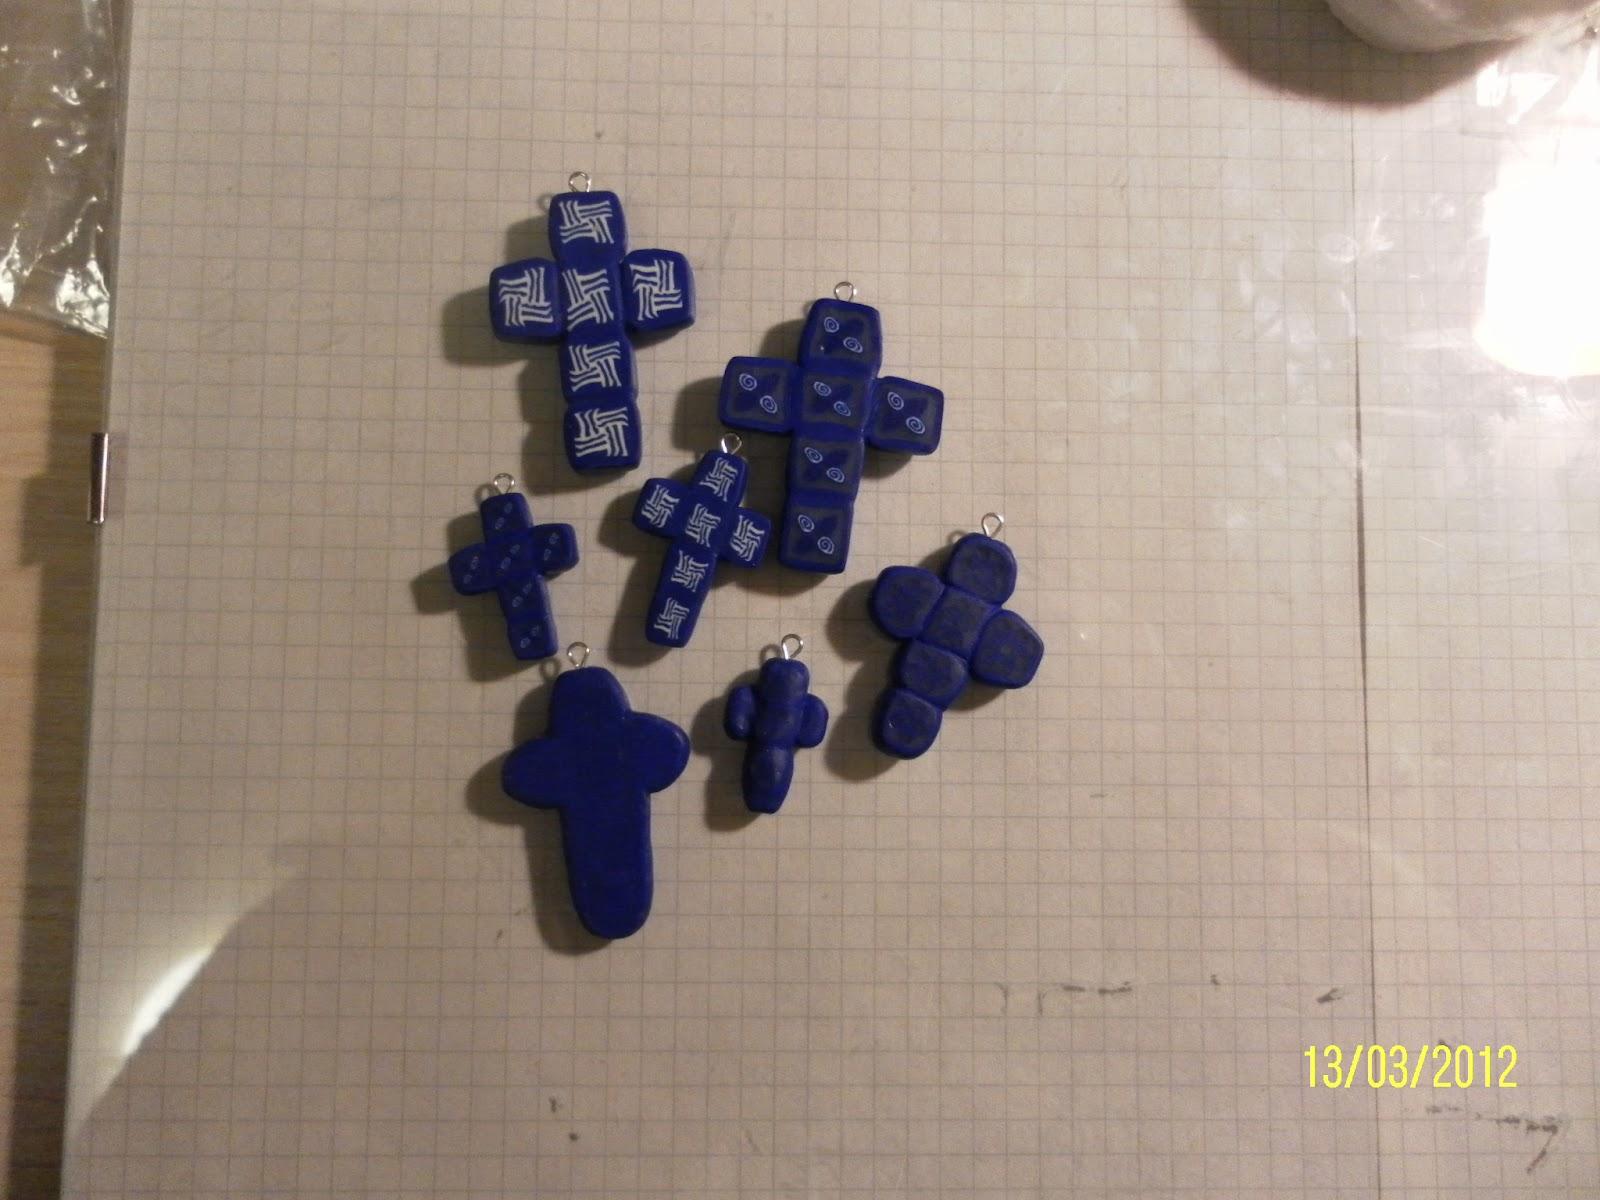 Le idee di pizzipazzi croci in fimo e varie - Pagine da colorare croci ...